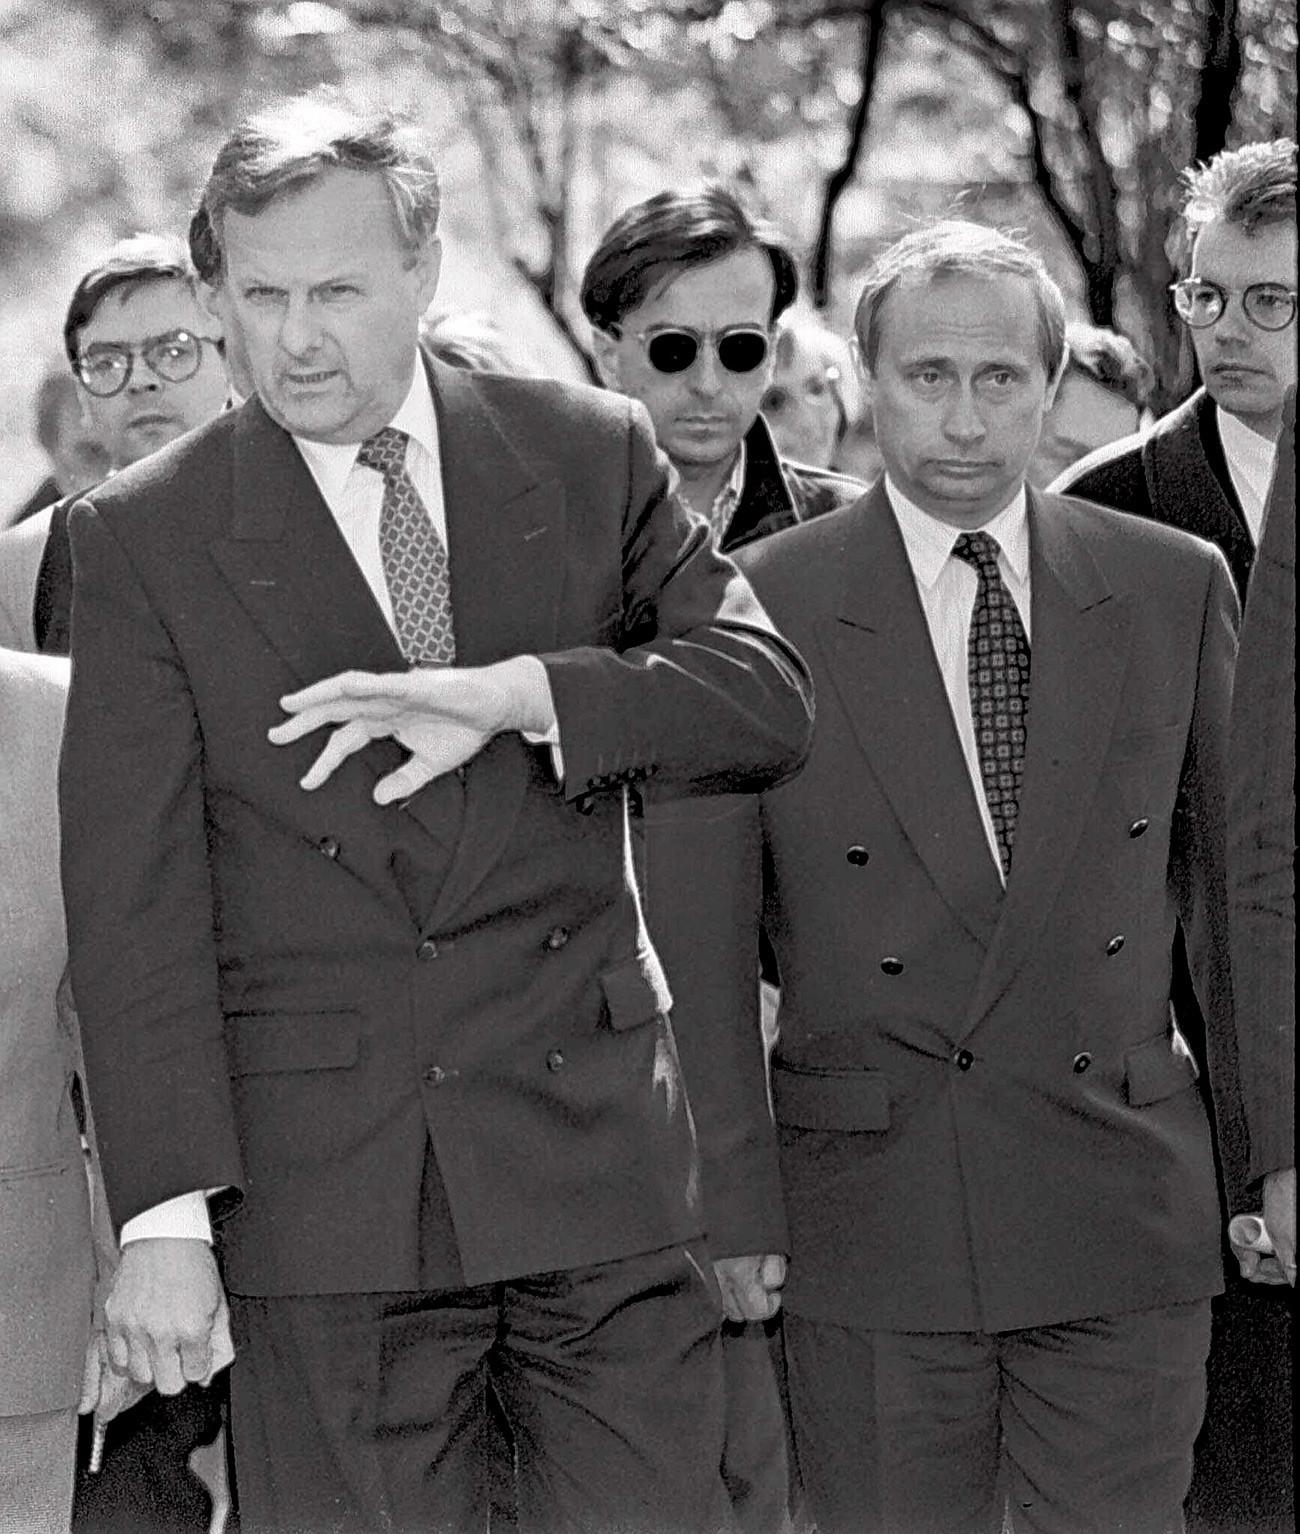 Anatóli Sobtchak, então prefeito de São Petersburgo, ao lado de Putin, que era seu vice, em 1994